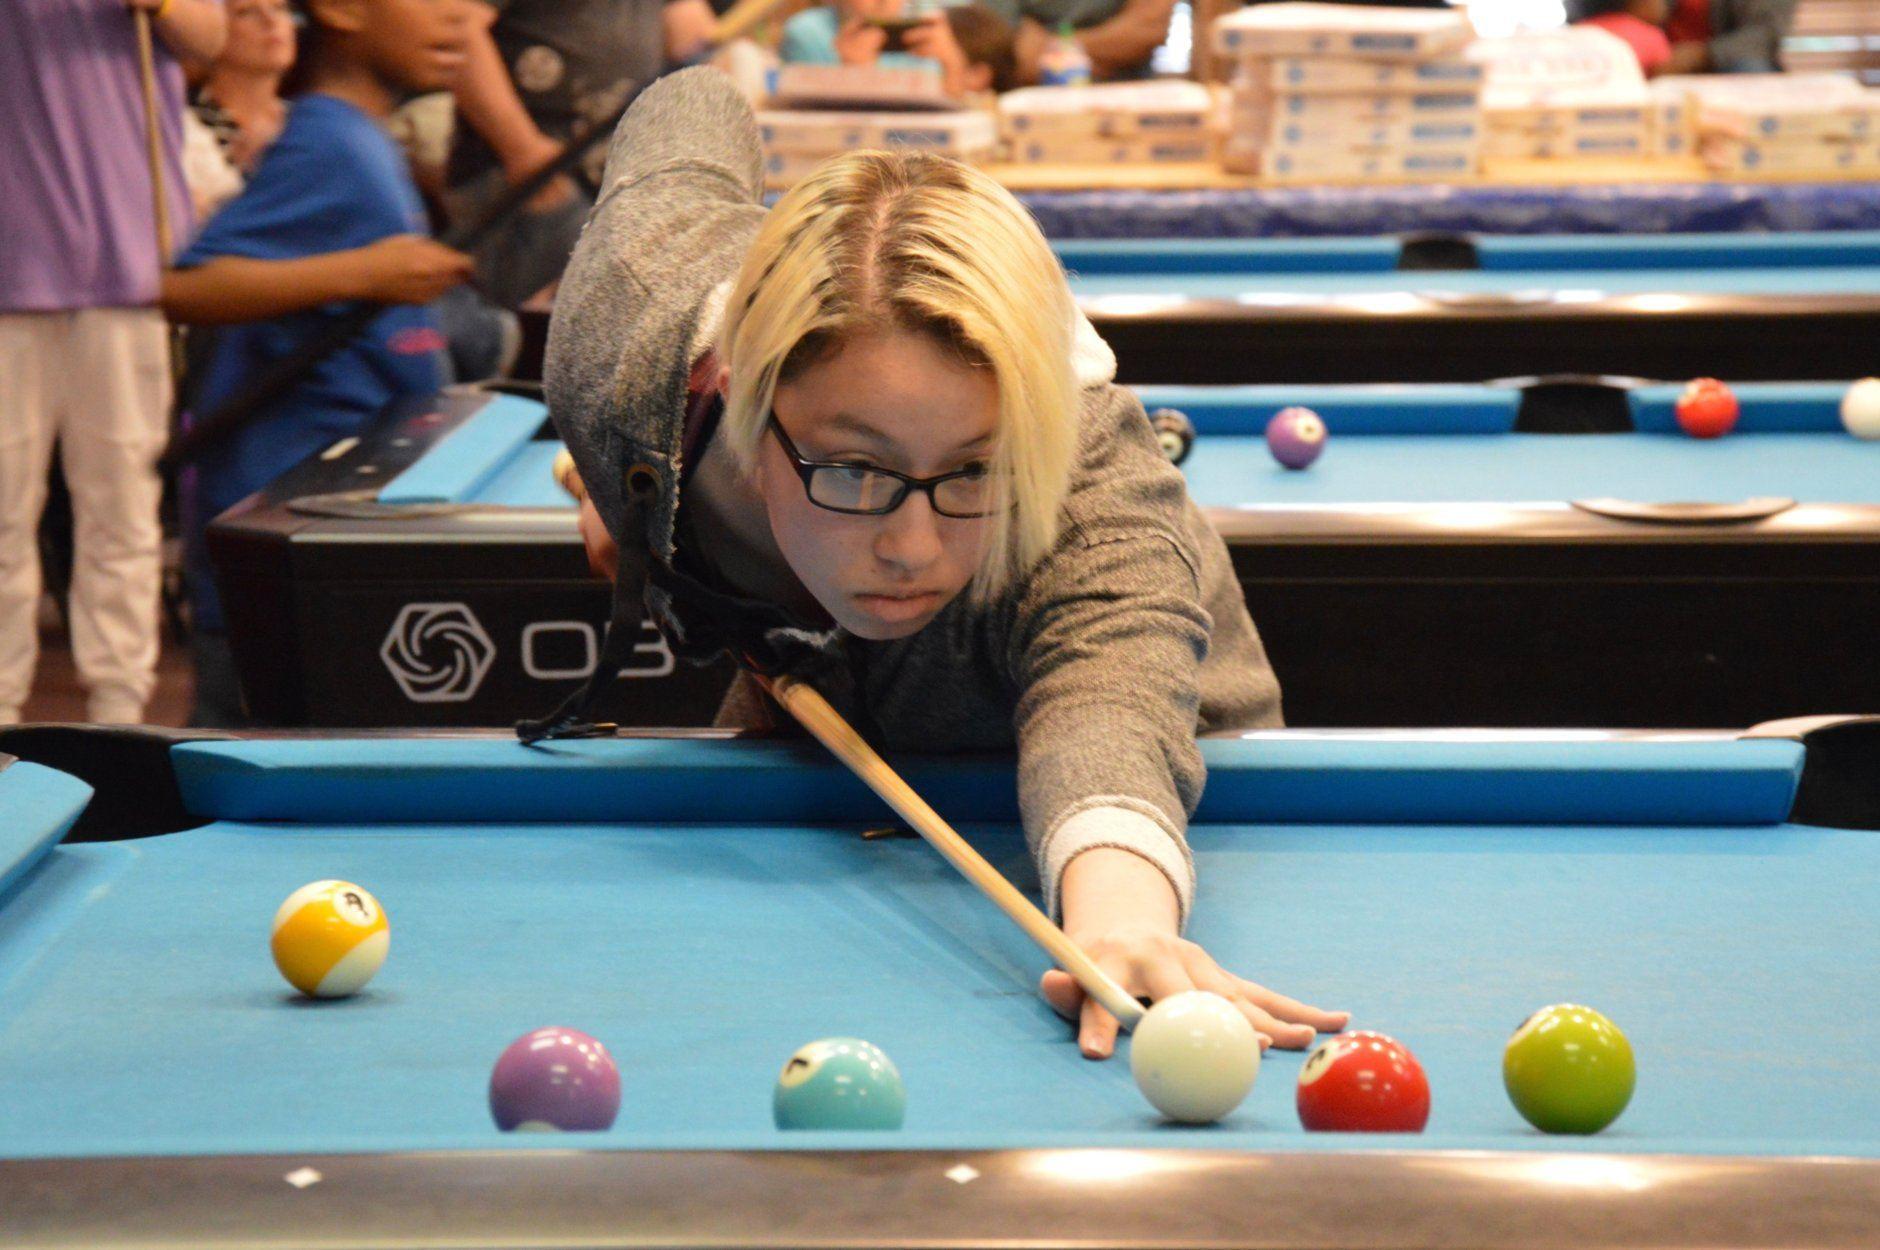 Victoria (Jana) Mitchell, 17, Springfield, Virginia. (Courtesy Greater D.C. Area APA)